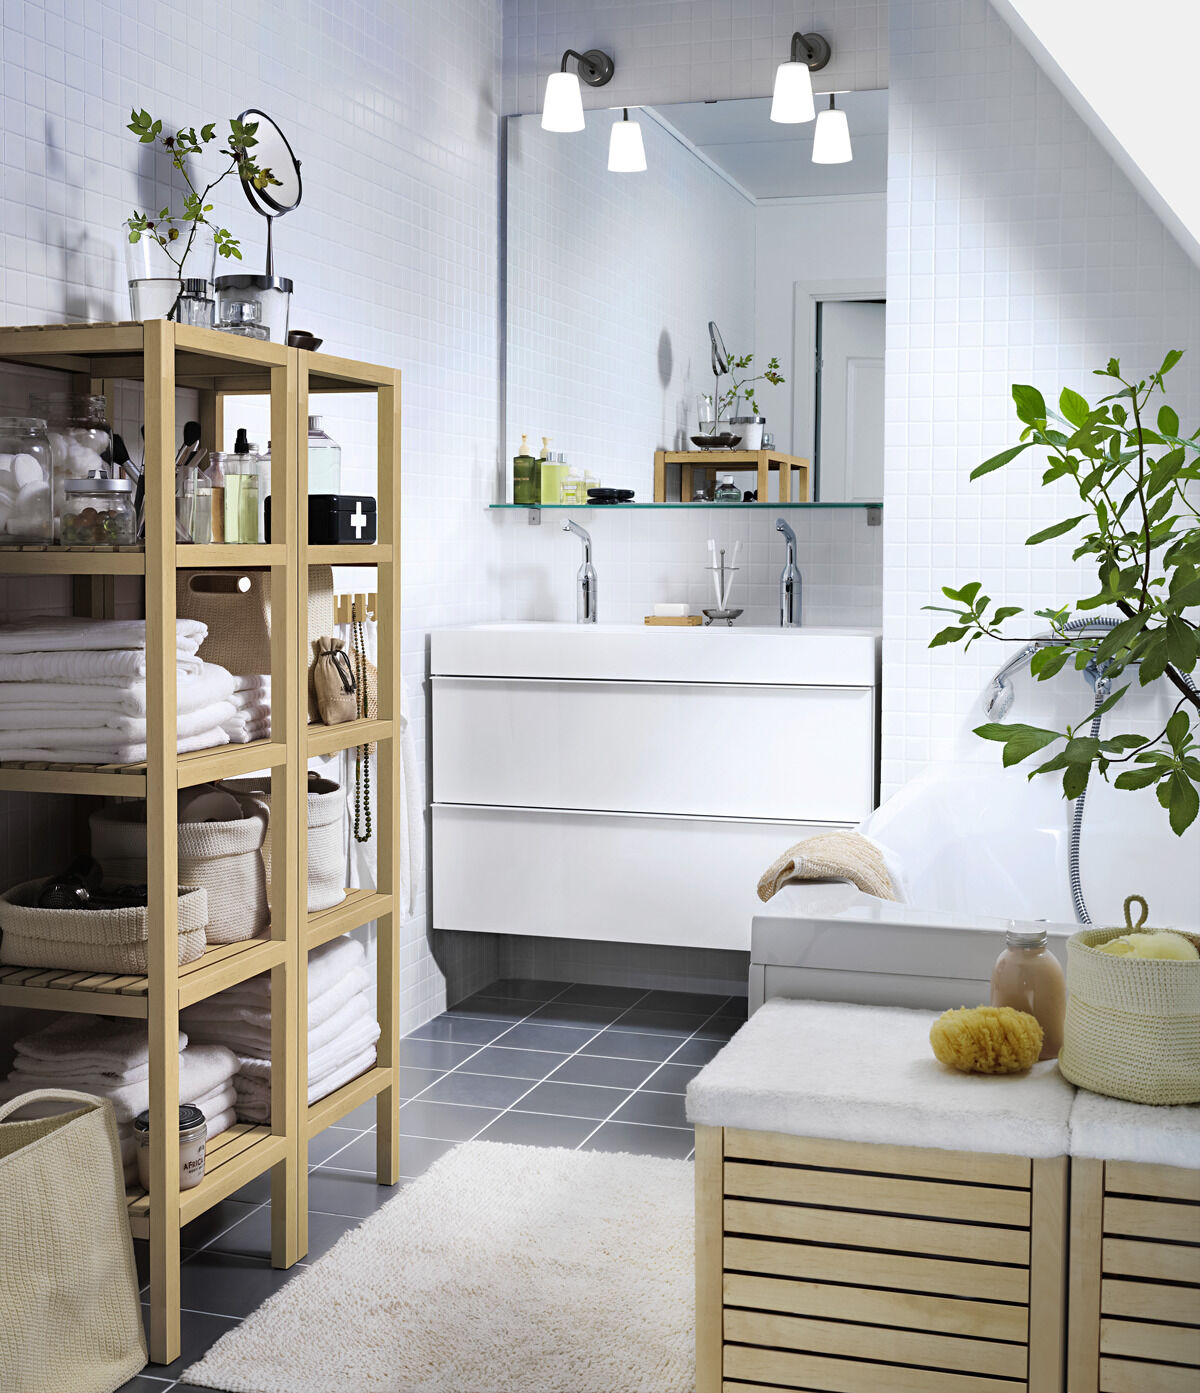 Tische für kleine Räume   Zuhausewohnen